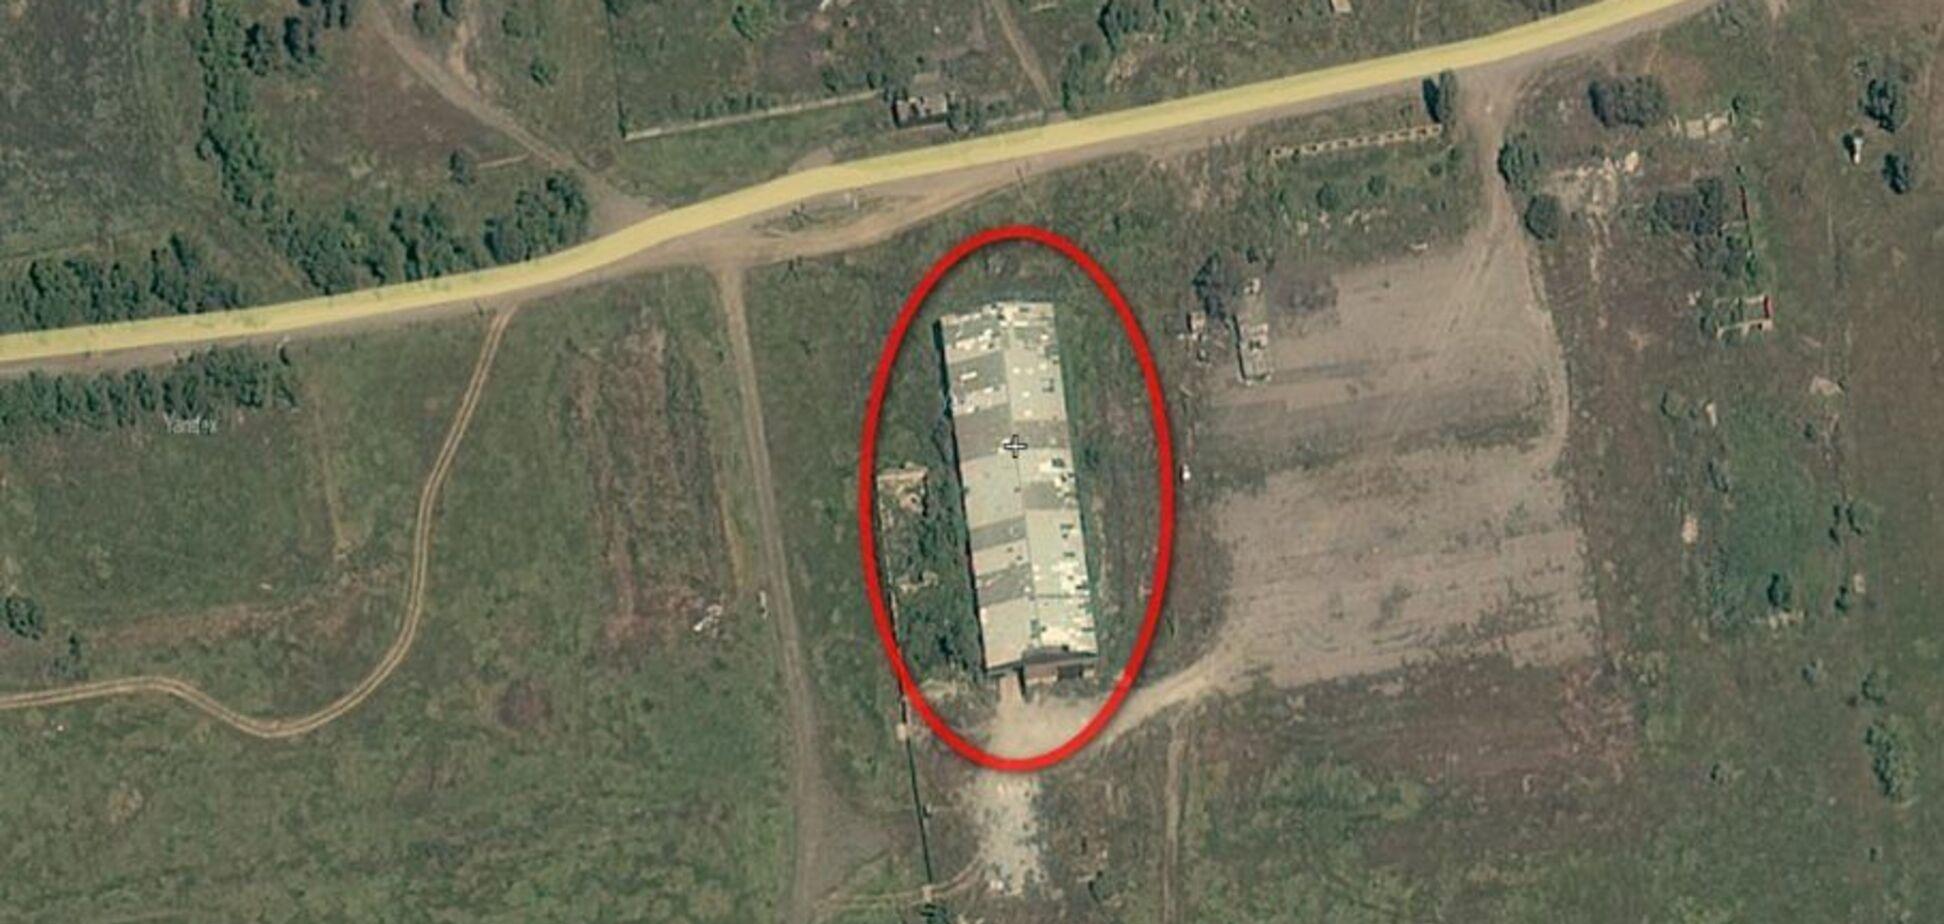 За три кілометри від ЗСУ: фото бази окупантів на Донбасі спливли у мережі